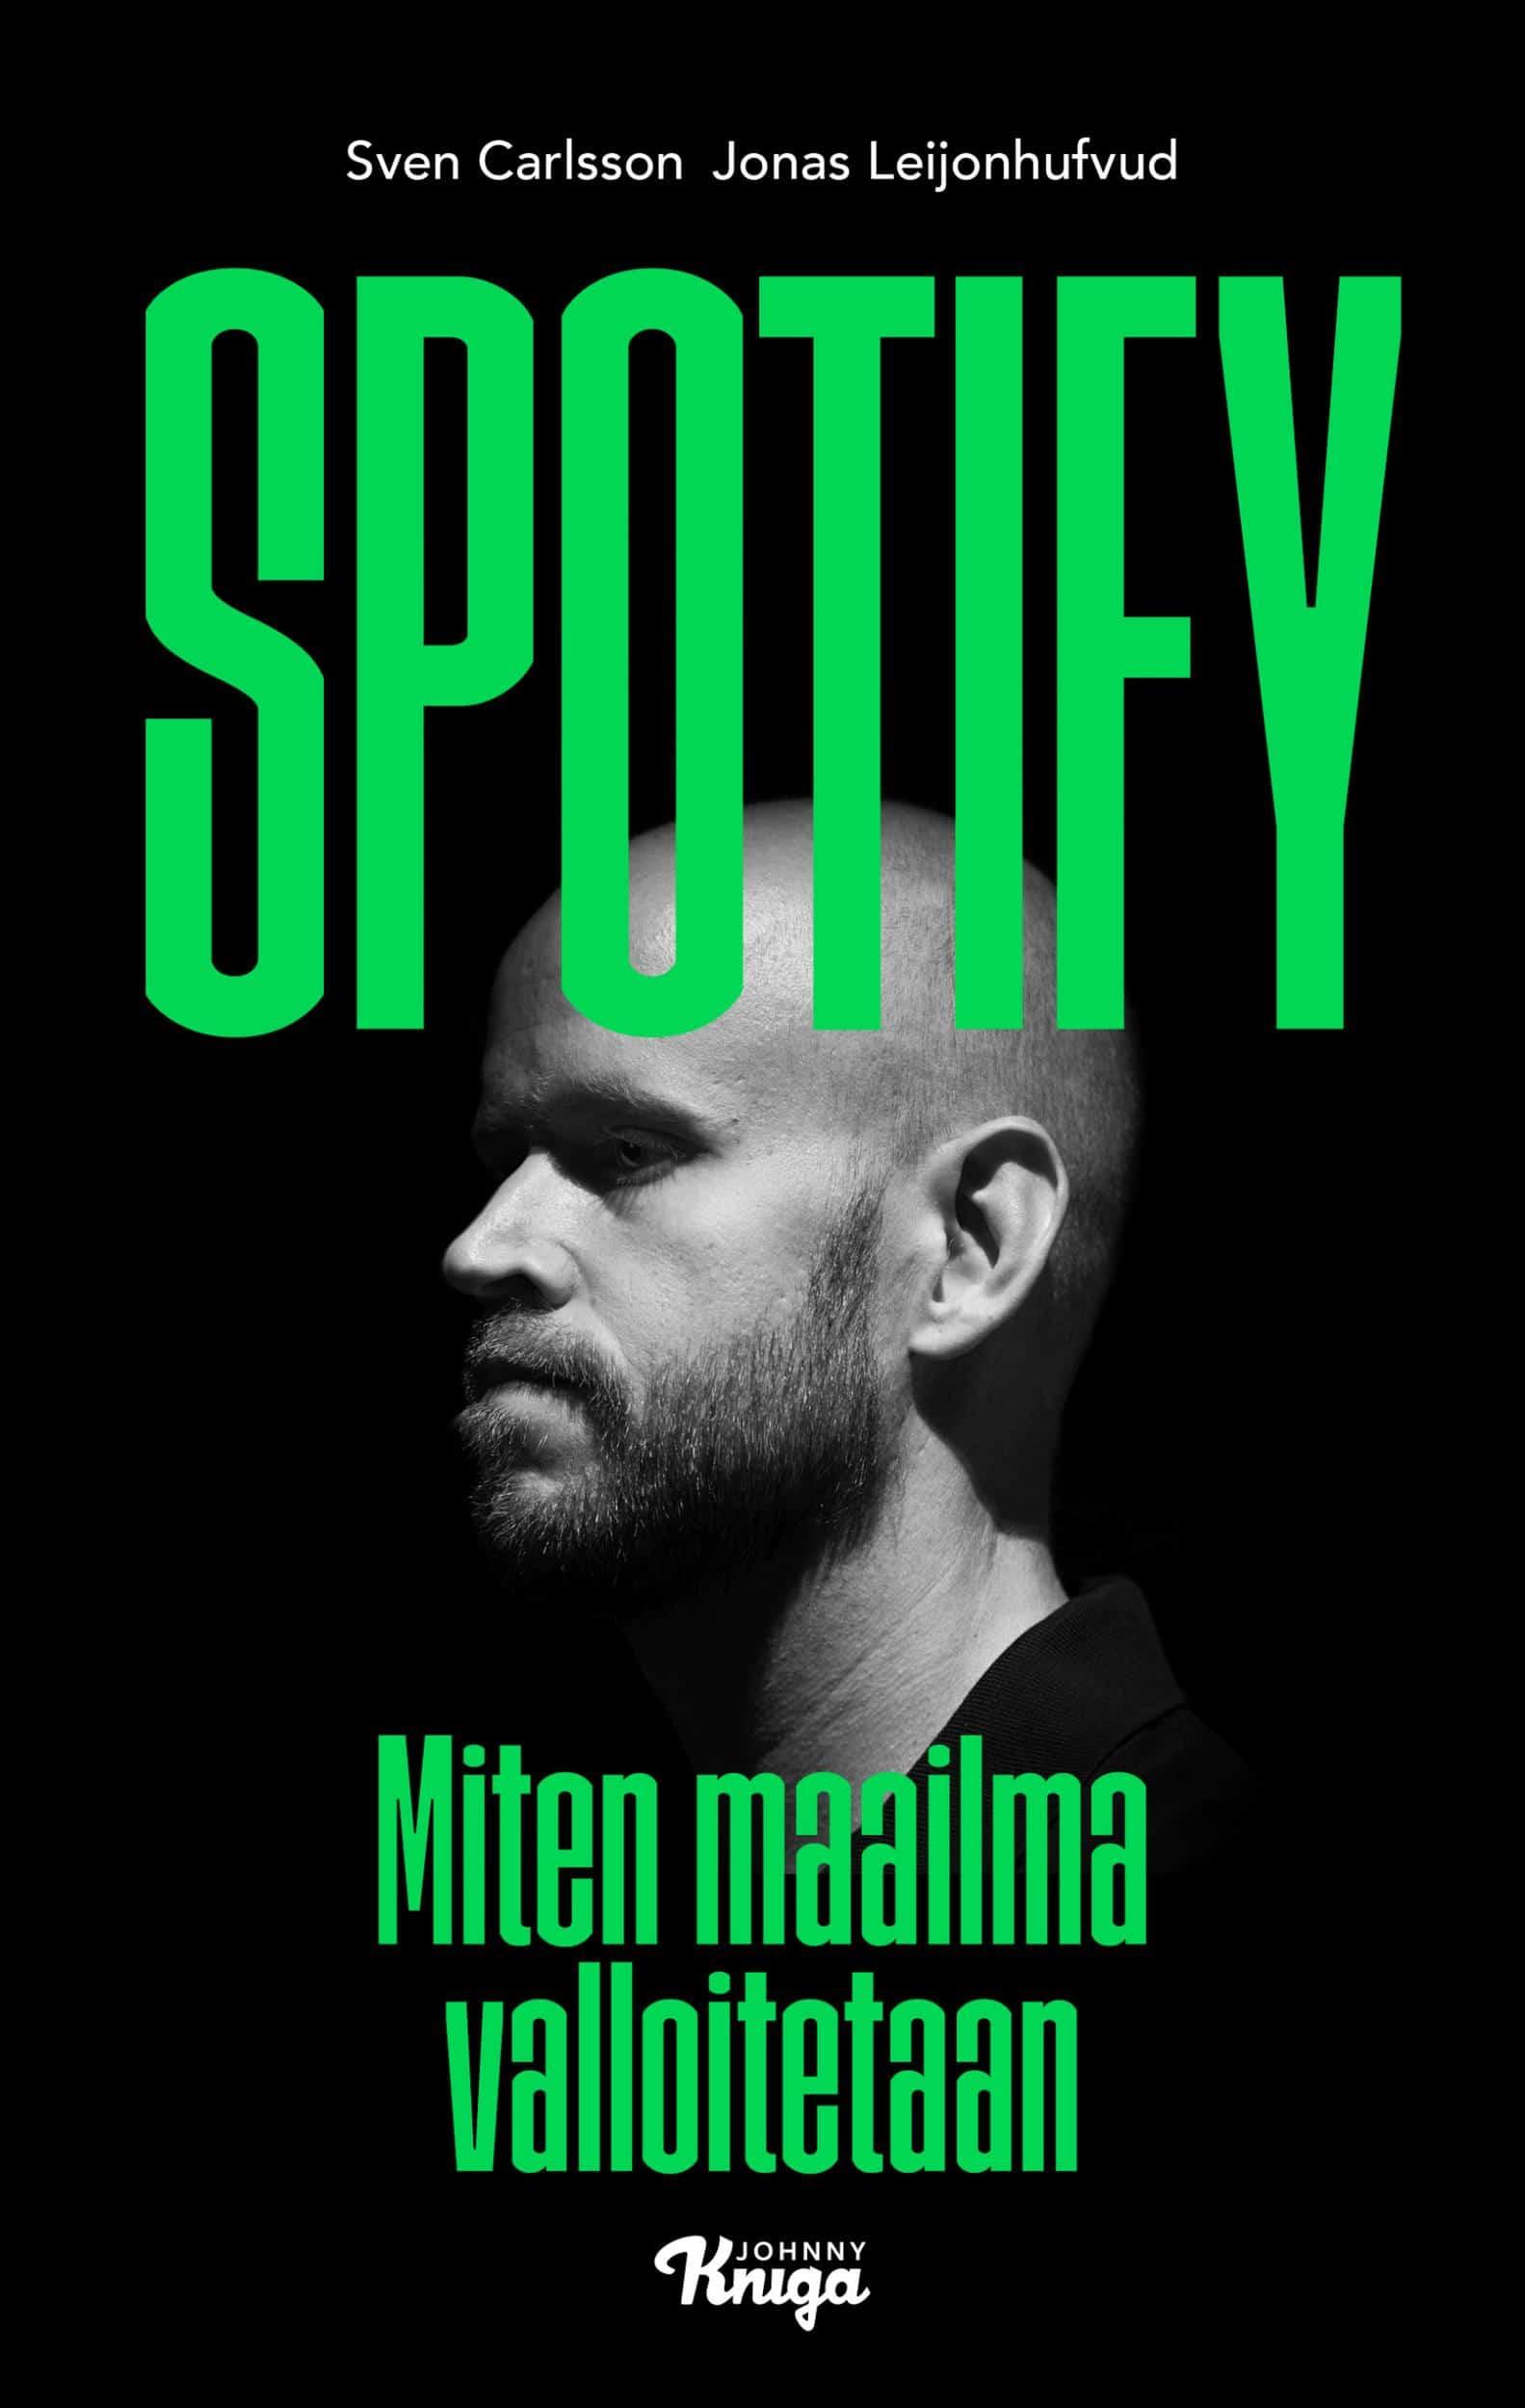 Spotify: Miten maailma valloitetaan